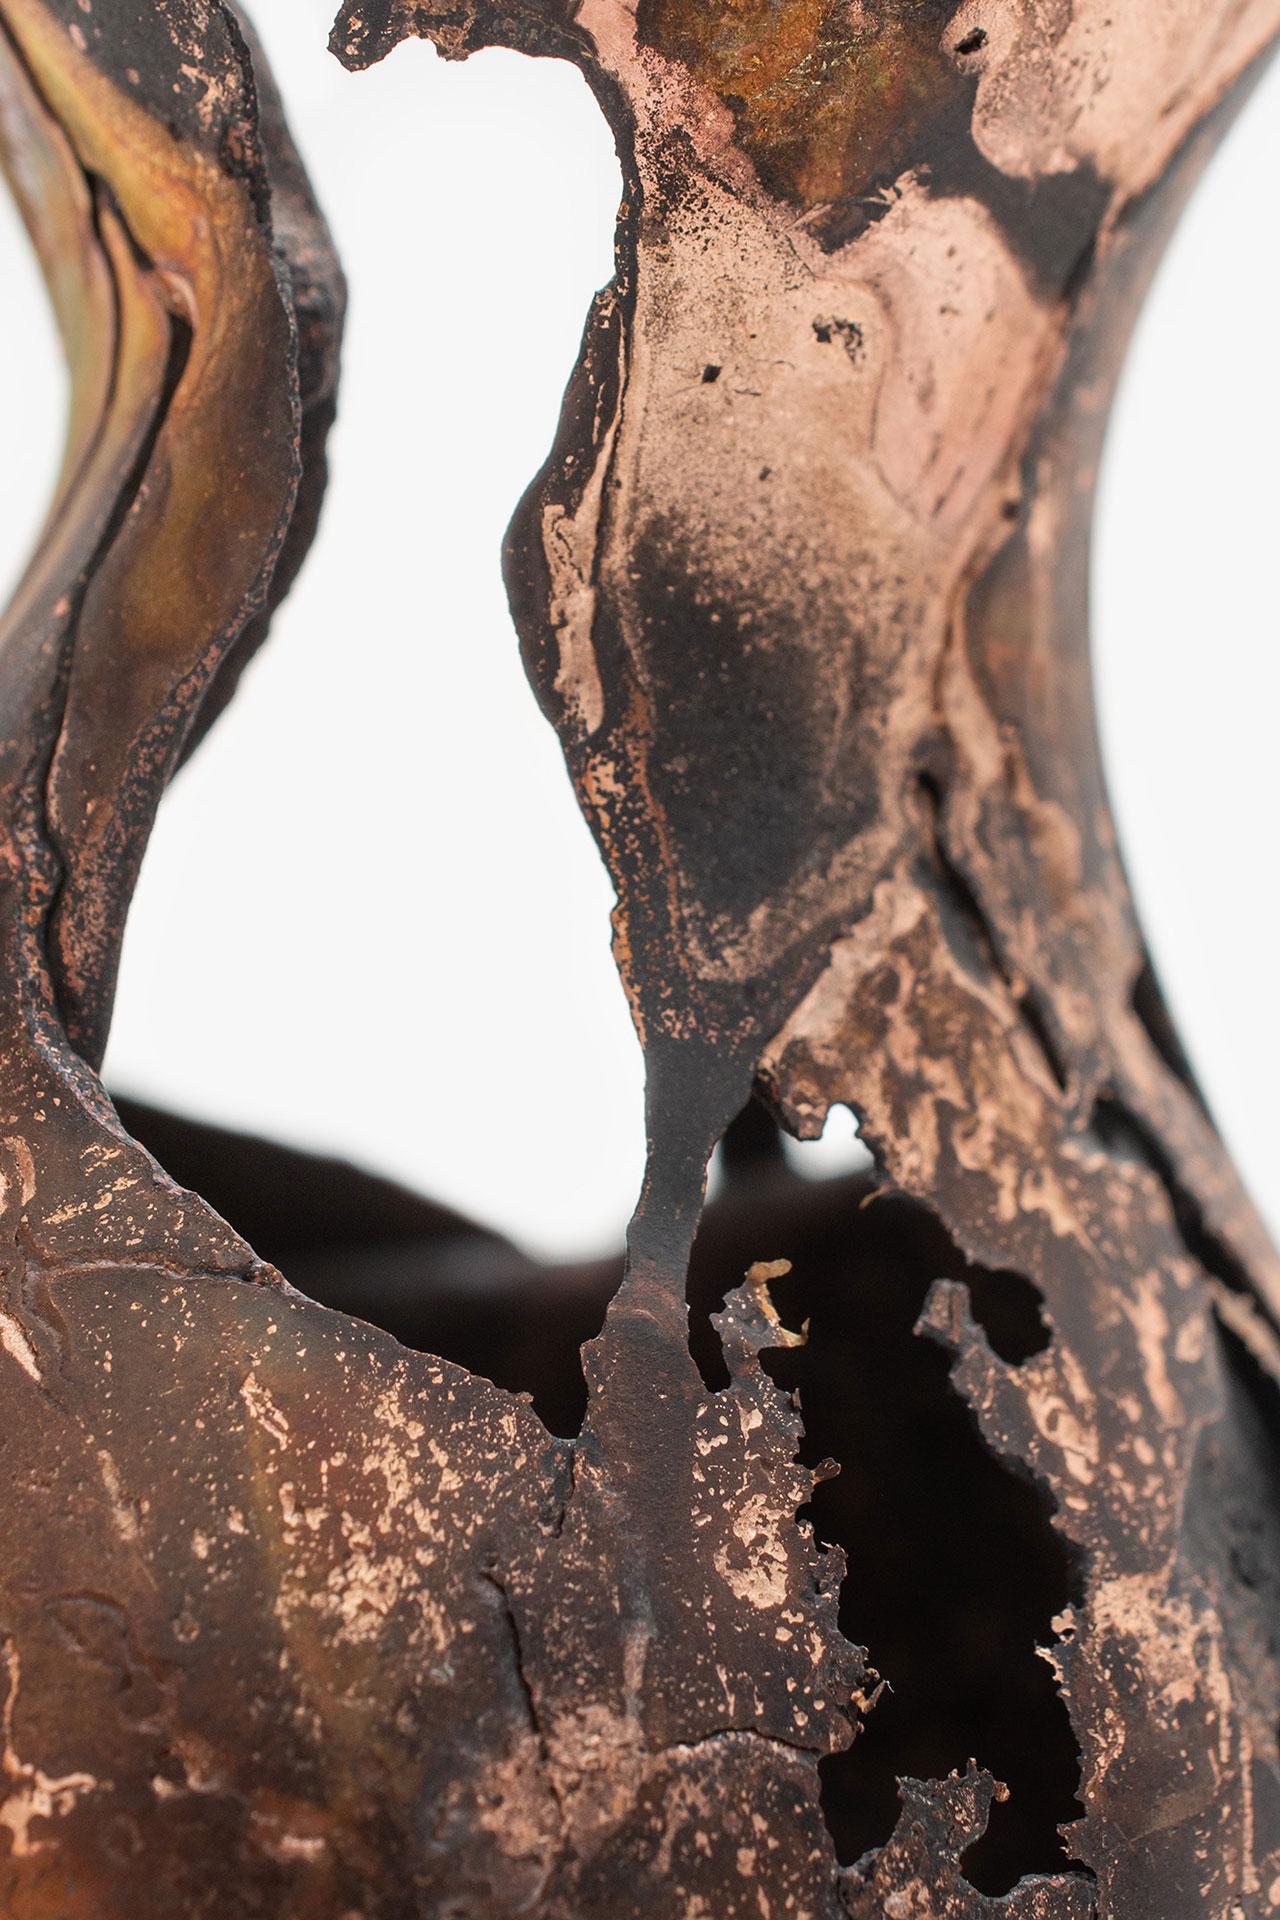 Omer Arbel, OAO113.2020.15 (detail), 2020. 15,4 x 11 x 10,5 cm. Copper alloy cast in glass. Courtesy Carwan gallery.